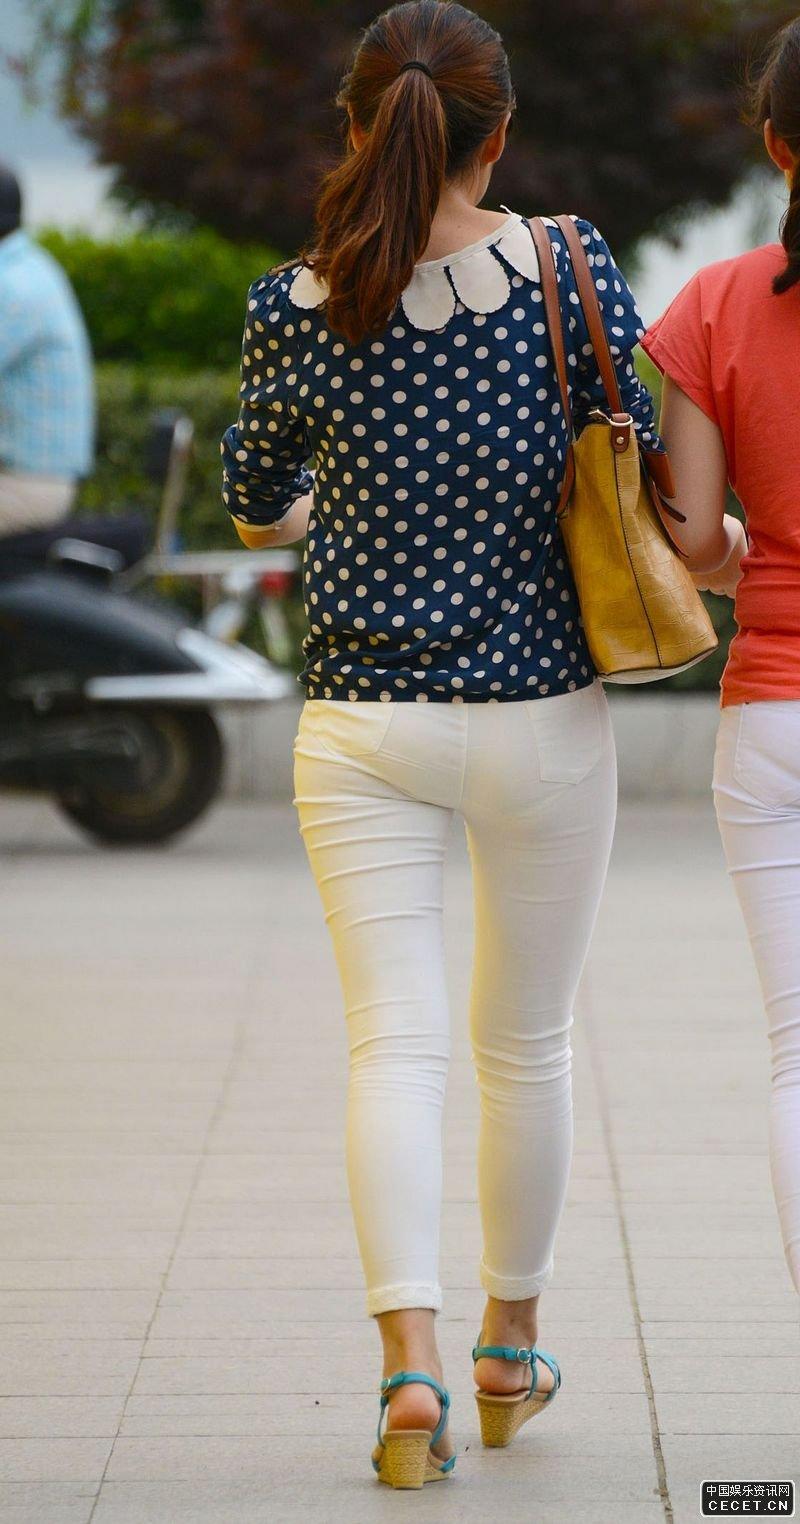 解放广场街拍的紧身白裤美眉图片